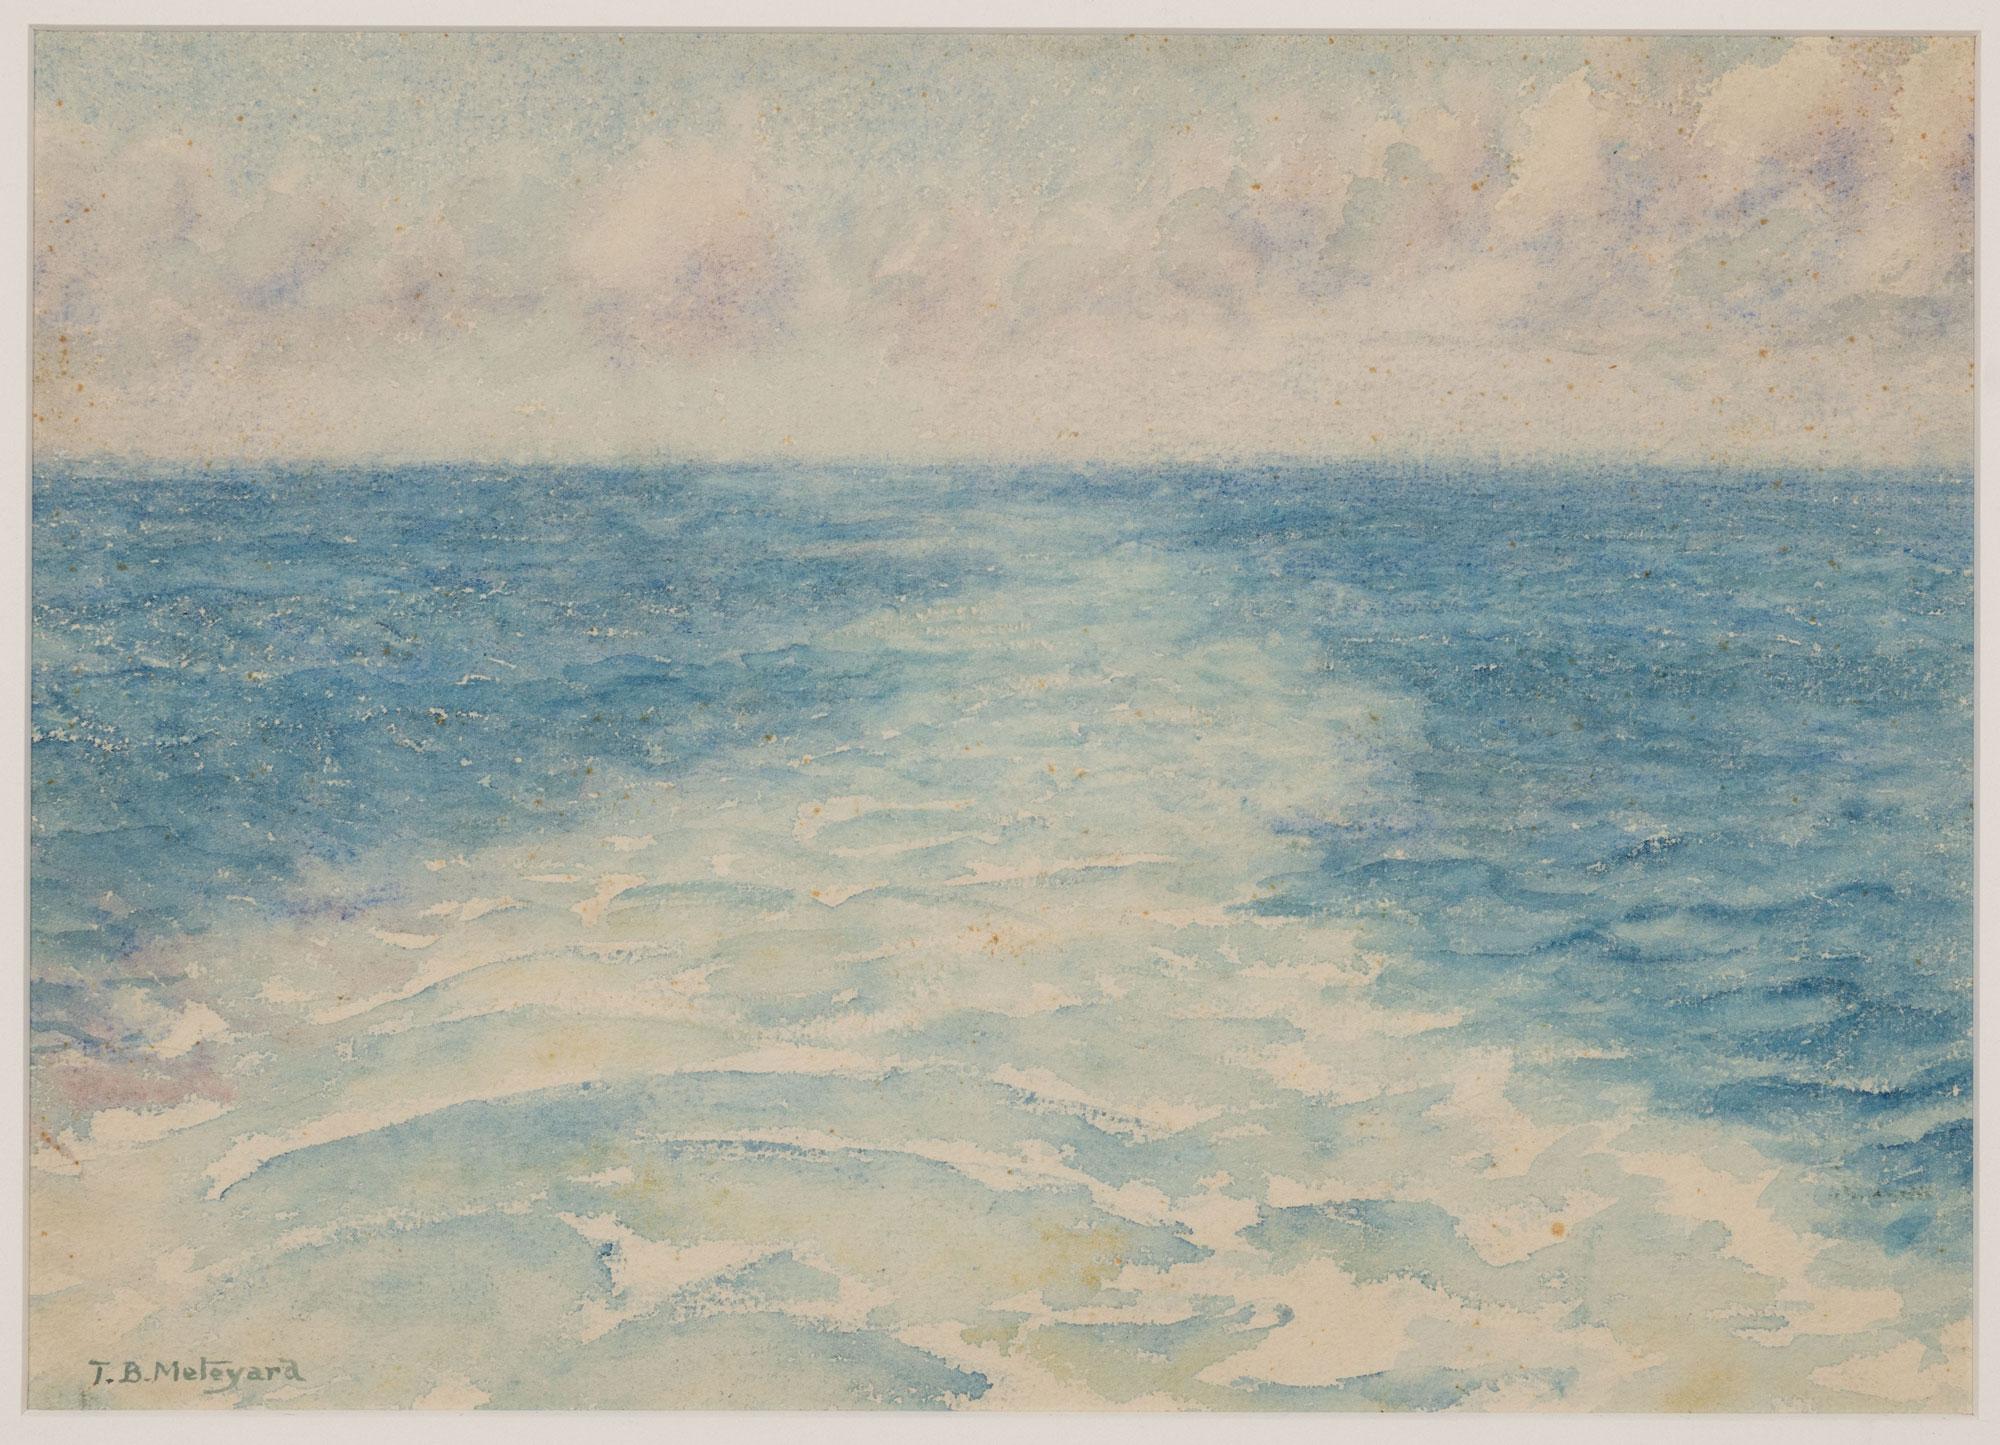 A boat's wake in an empty ocean landscape.